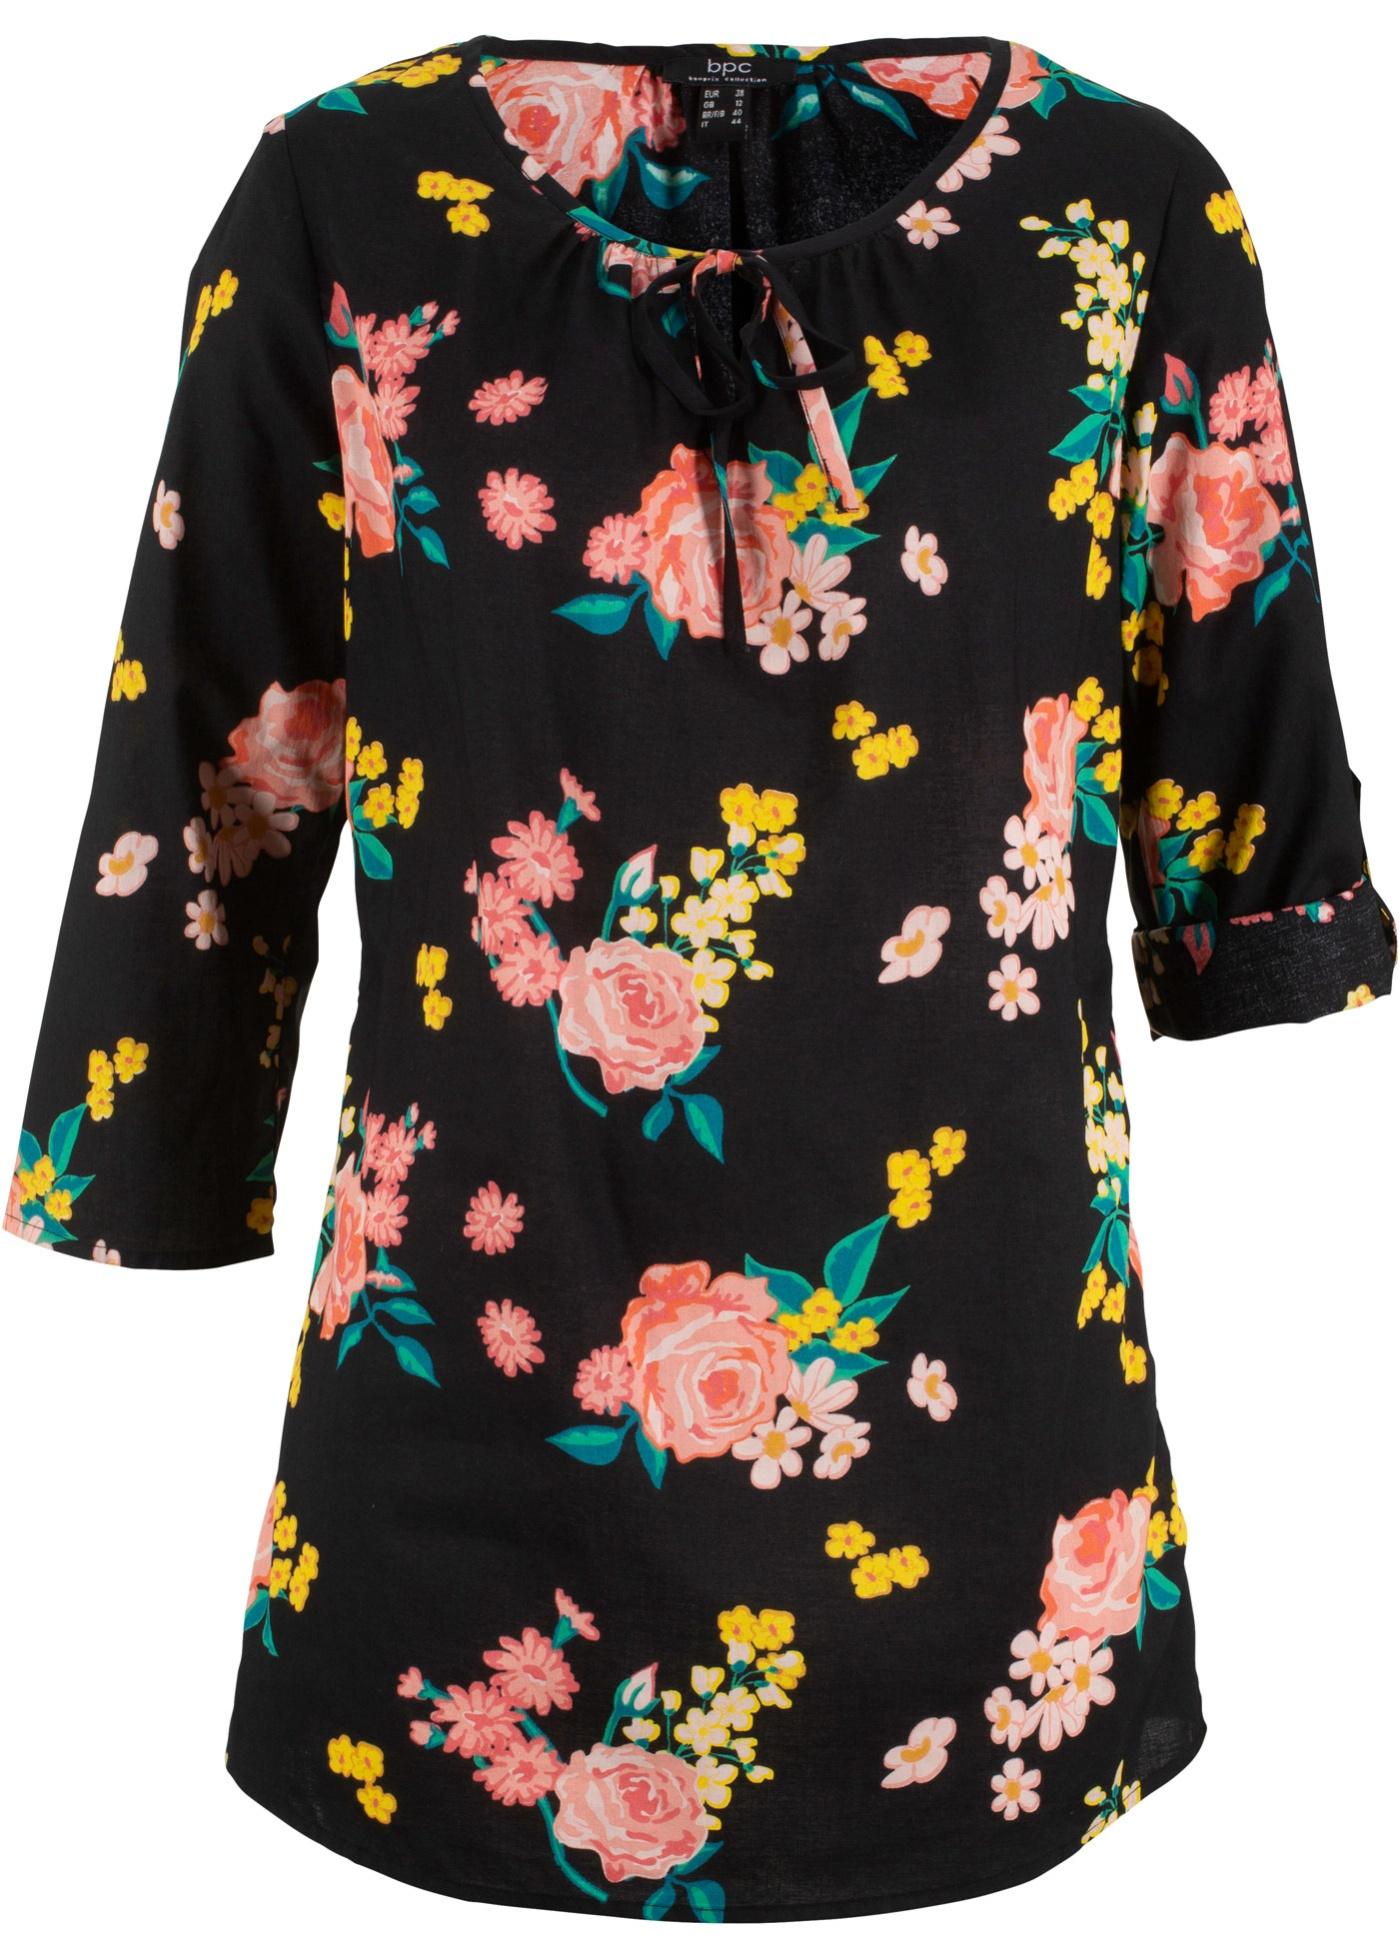 Blusentunika mit Blumendruck 3/4 Arm  in schwarz für Damen von bonprix